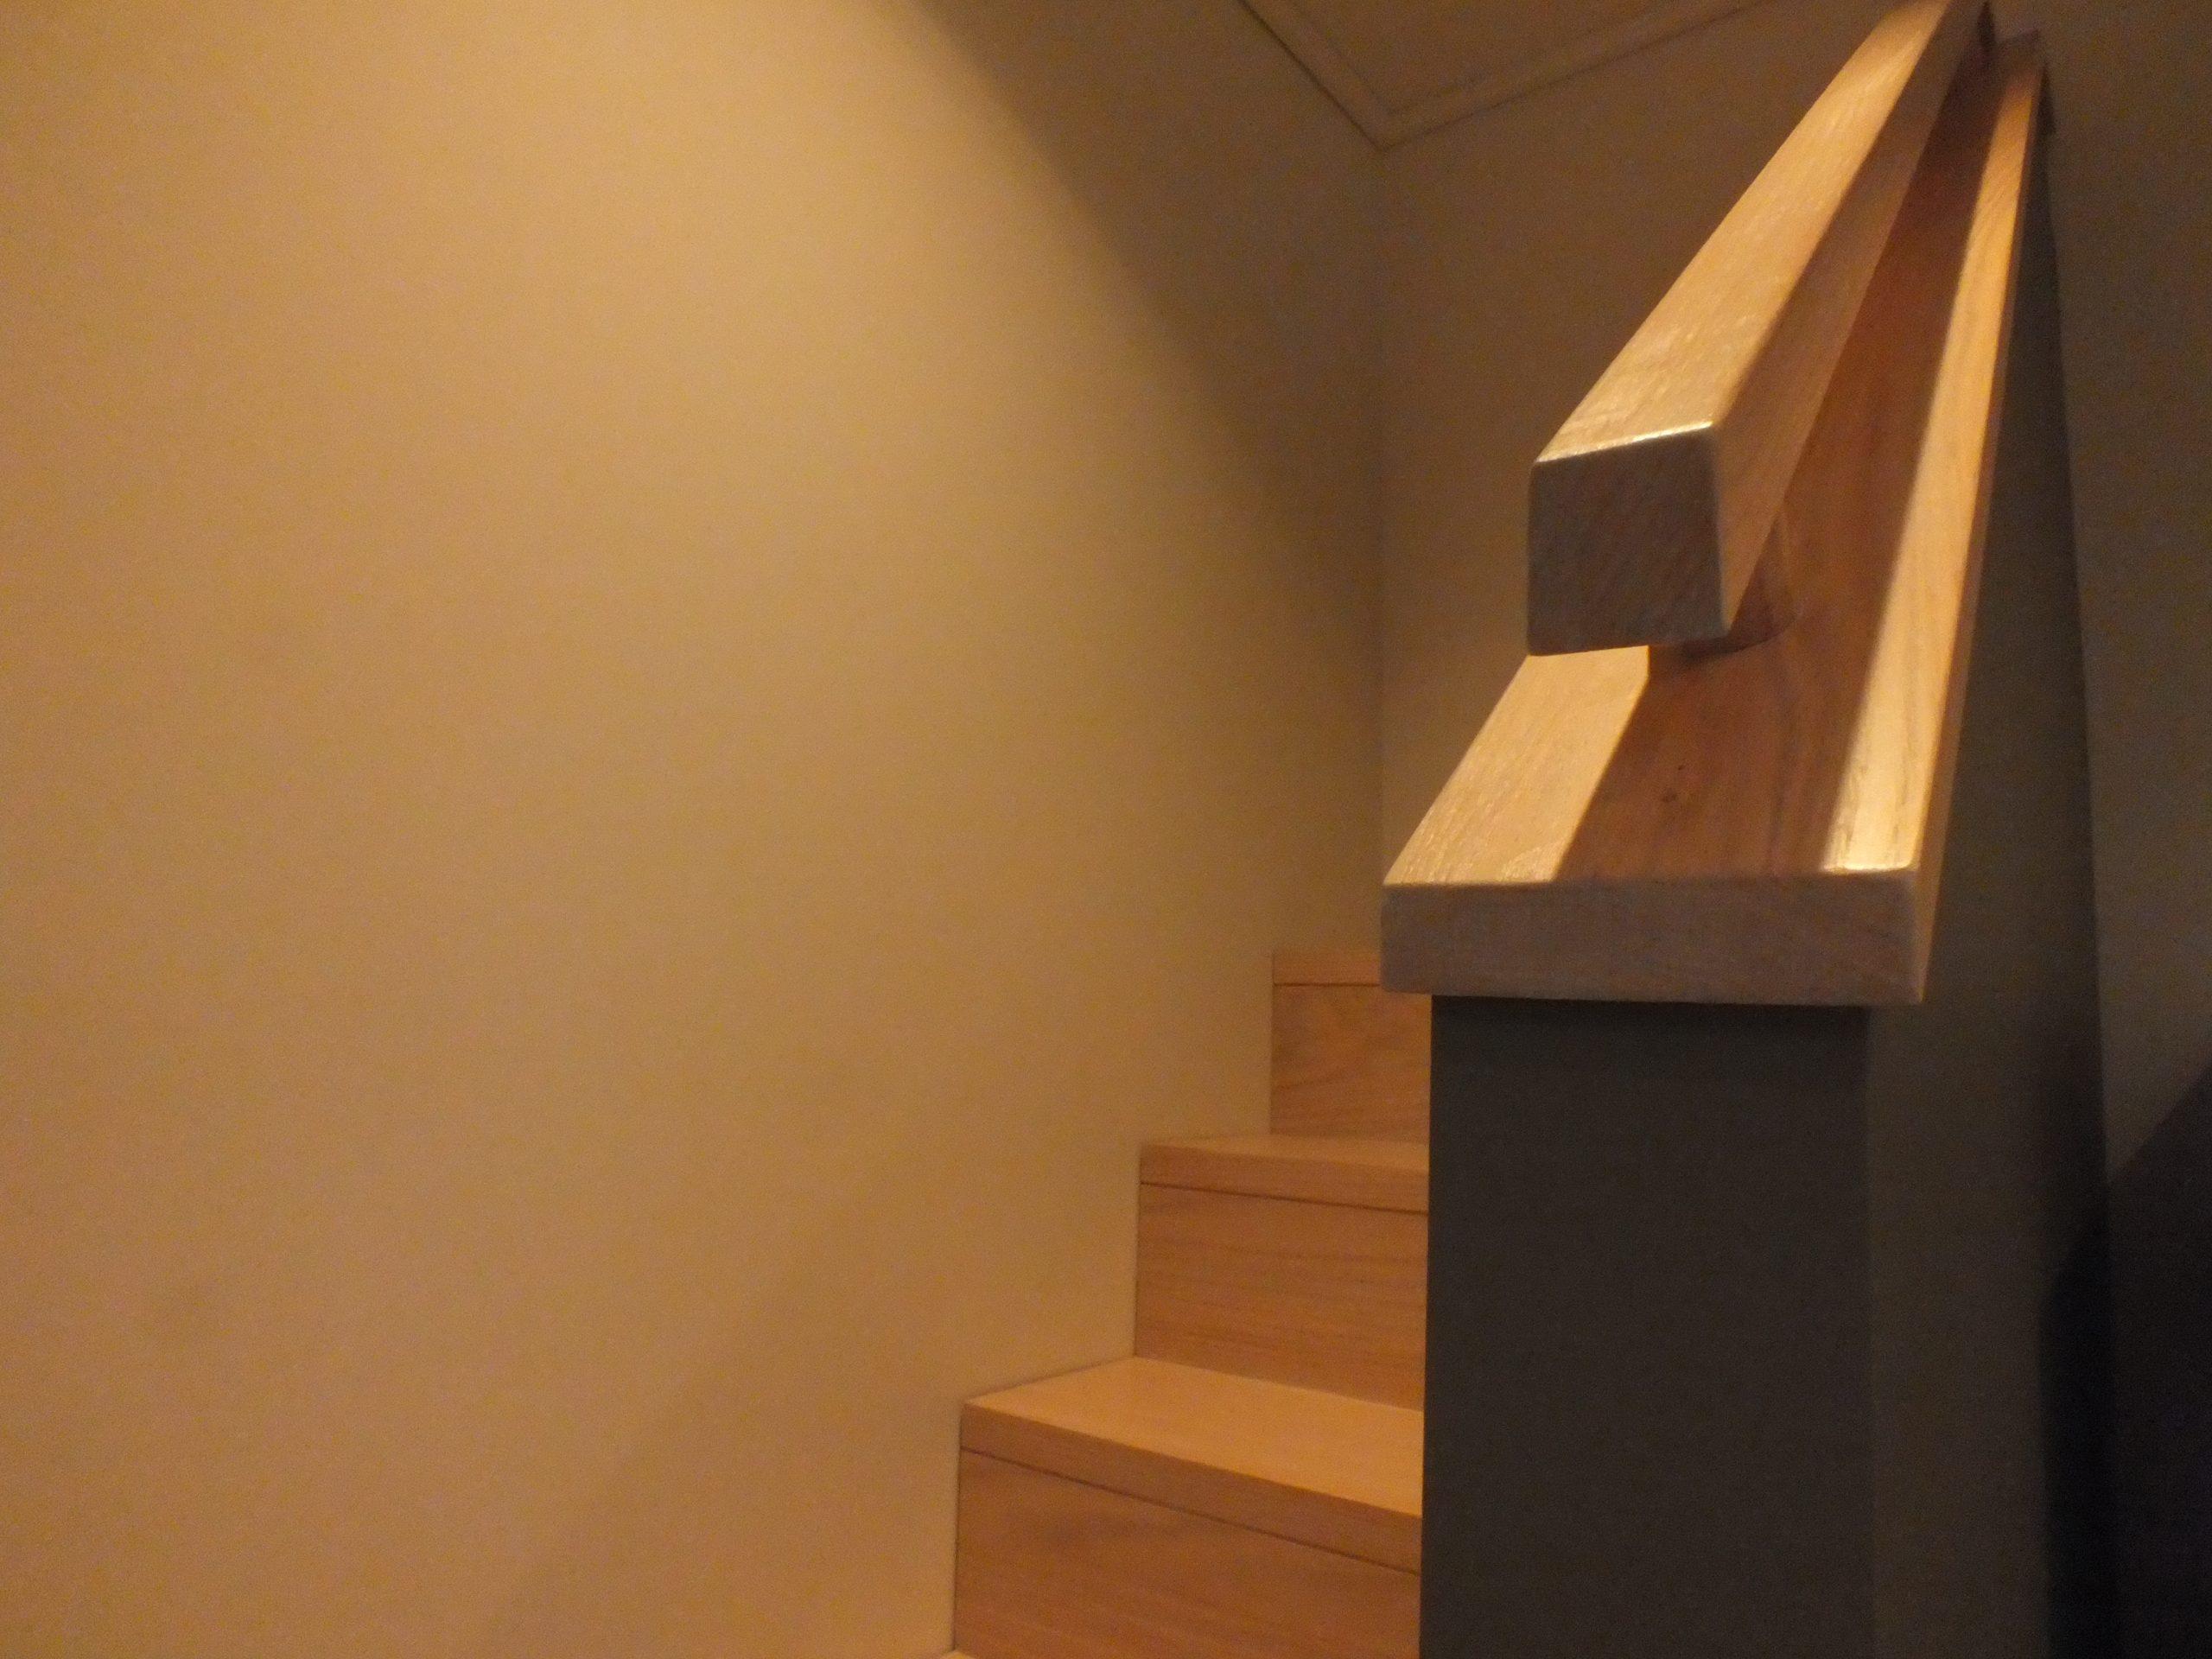 Escalier Bois Entre Deux Murs showroom | menuiserie alain charlier & fils